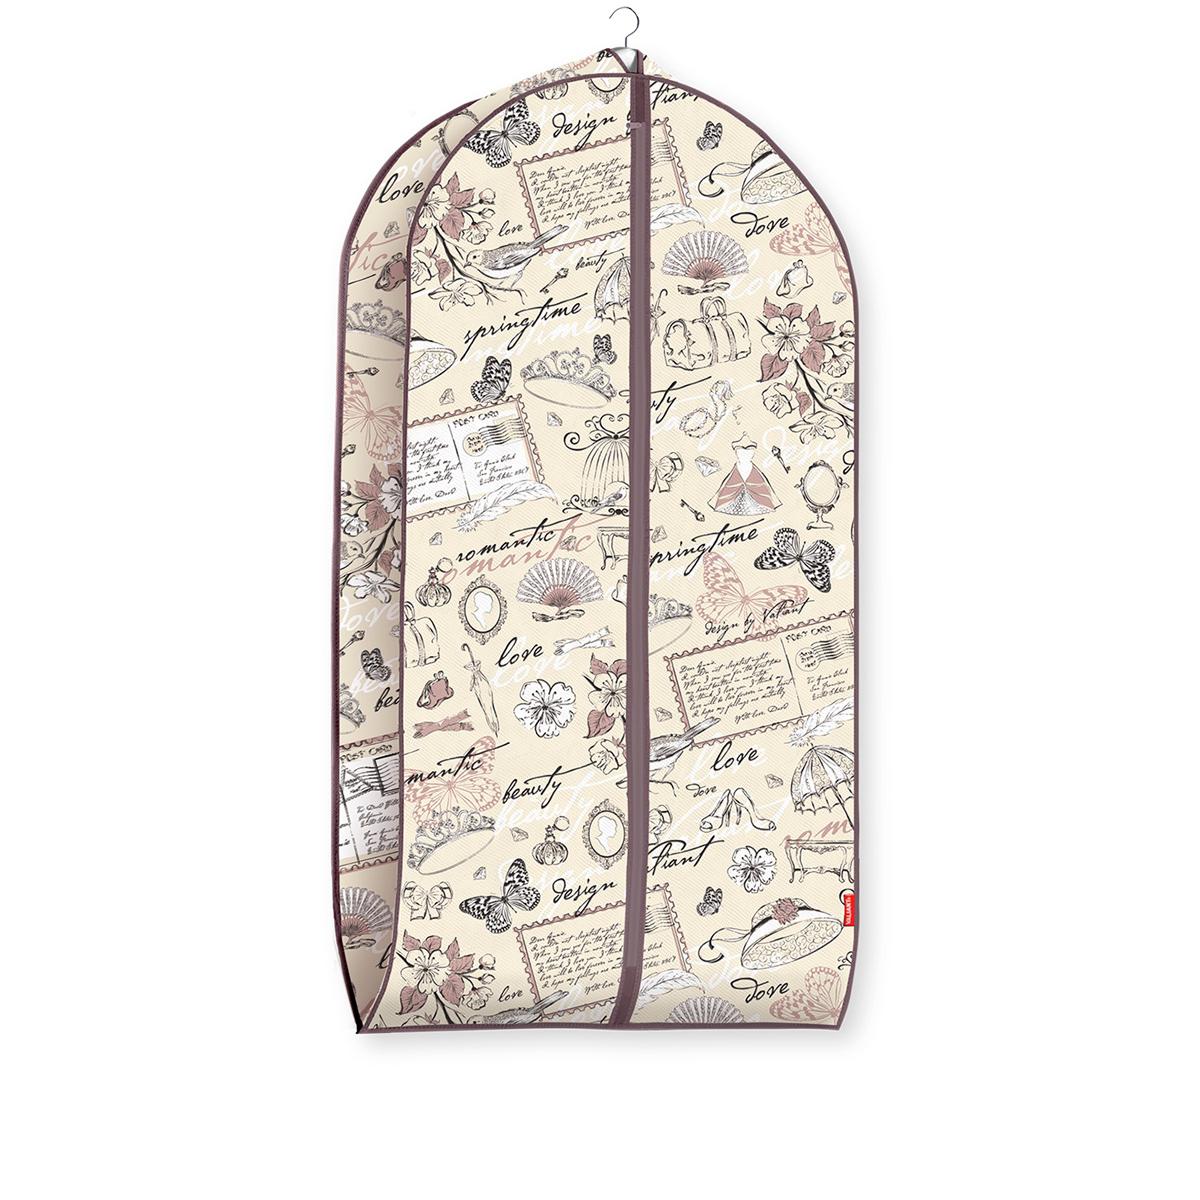 Чехол для одежды Valiant Romantic, объемный, 60 х 100 х 10 смS03301004Чехол для одежды Valiant Romantic изготовлен из высококачественного нетканого материала (спанбонда), который обеспечивает естественную вентиляцию, позволяя воздуху проникать внутрь, но не пропускает пыль. Чехол очень удобен в использовании. Наличие боковой вставки увеличивает объем чехла, что позволяет хранить крупные объемные вещи. Чехол легко открывается и закрывается застежкой-молнией. Идеально подойдет для транспортировки и хранения одежды. Система хранения Romantic создаст трогательную атмосферу романтического настроения в женском гардеробе. Оригинальный дизайн придется по вкусу ценительницам эстетичного хранения. Системы хранения в едином дизайне сделают вашу гардеробную изысканной и невероятно стильной.